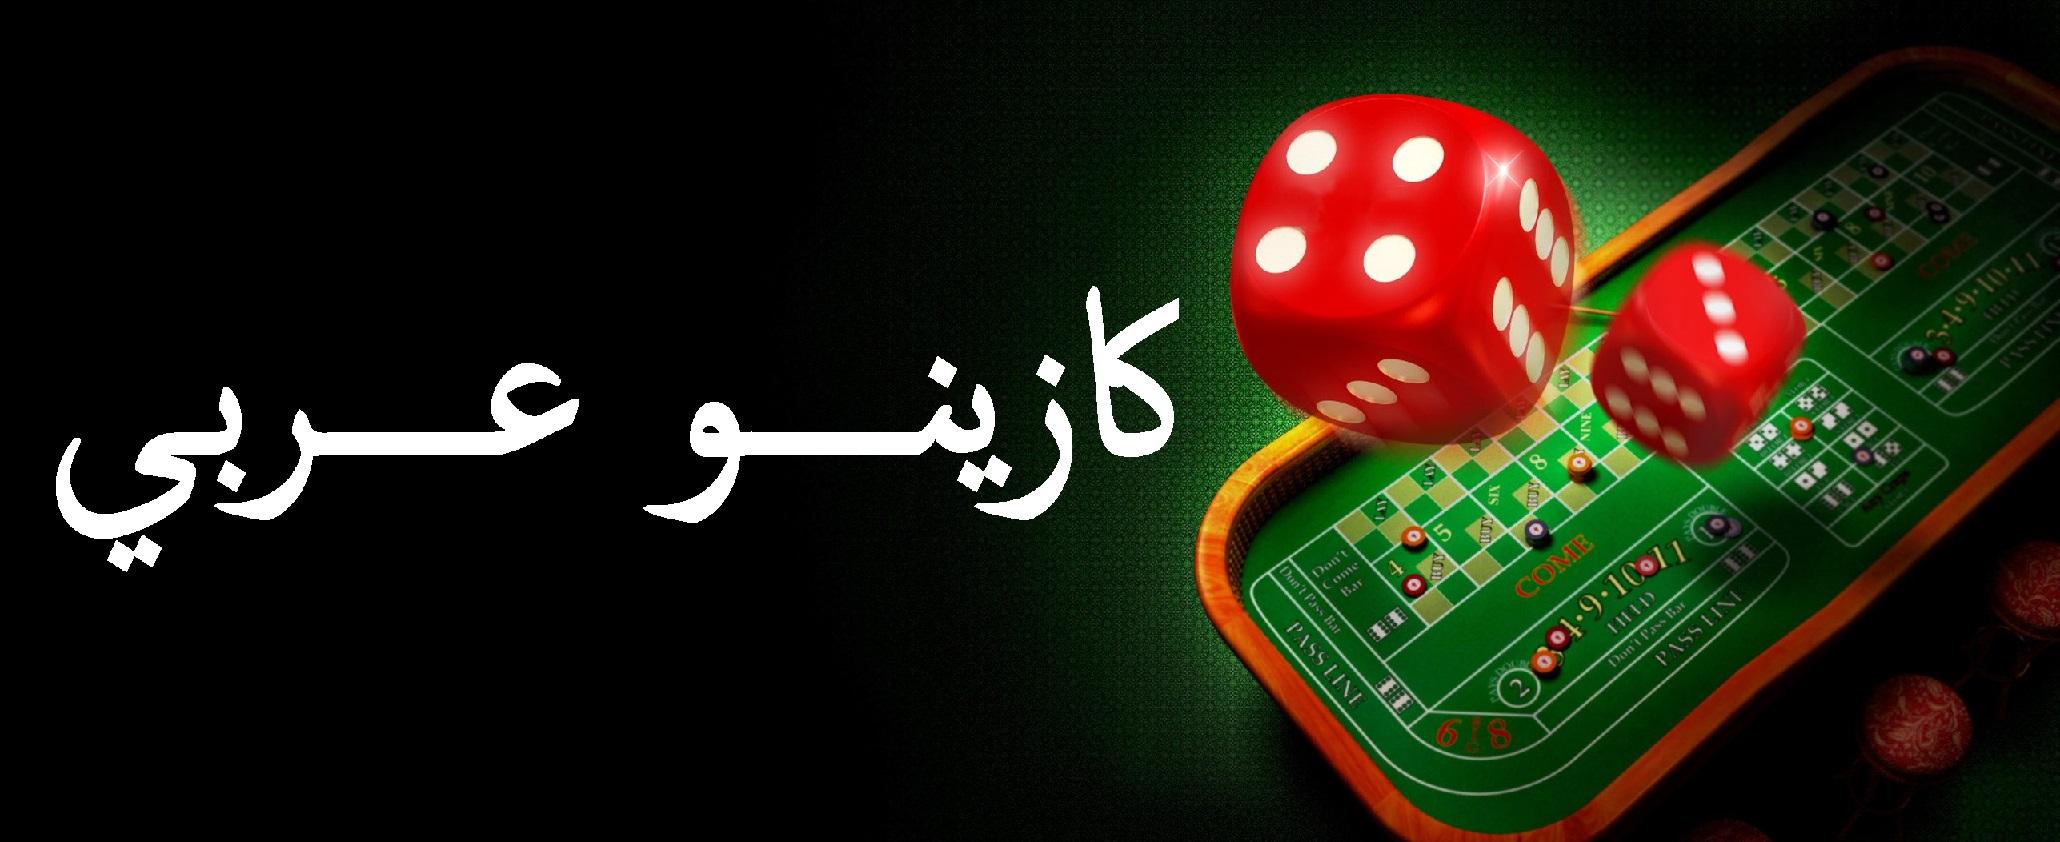 كازينو العرب - 82742